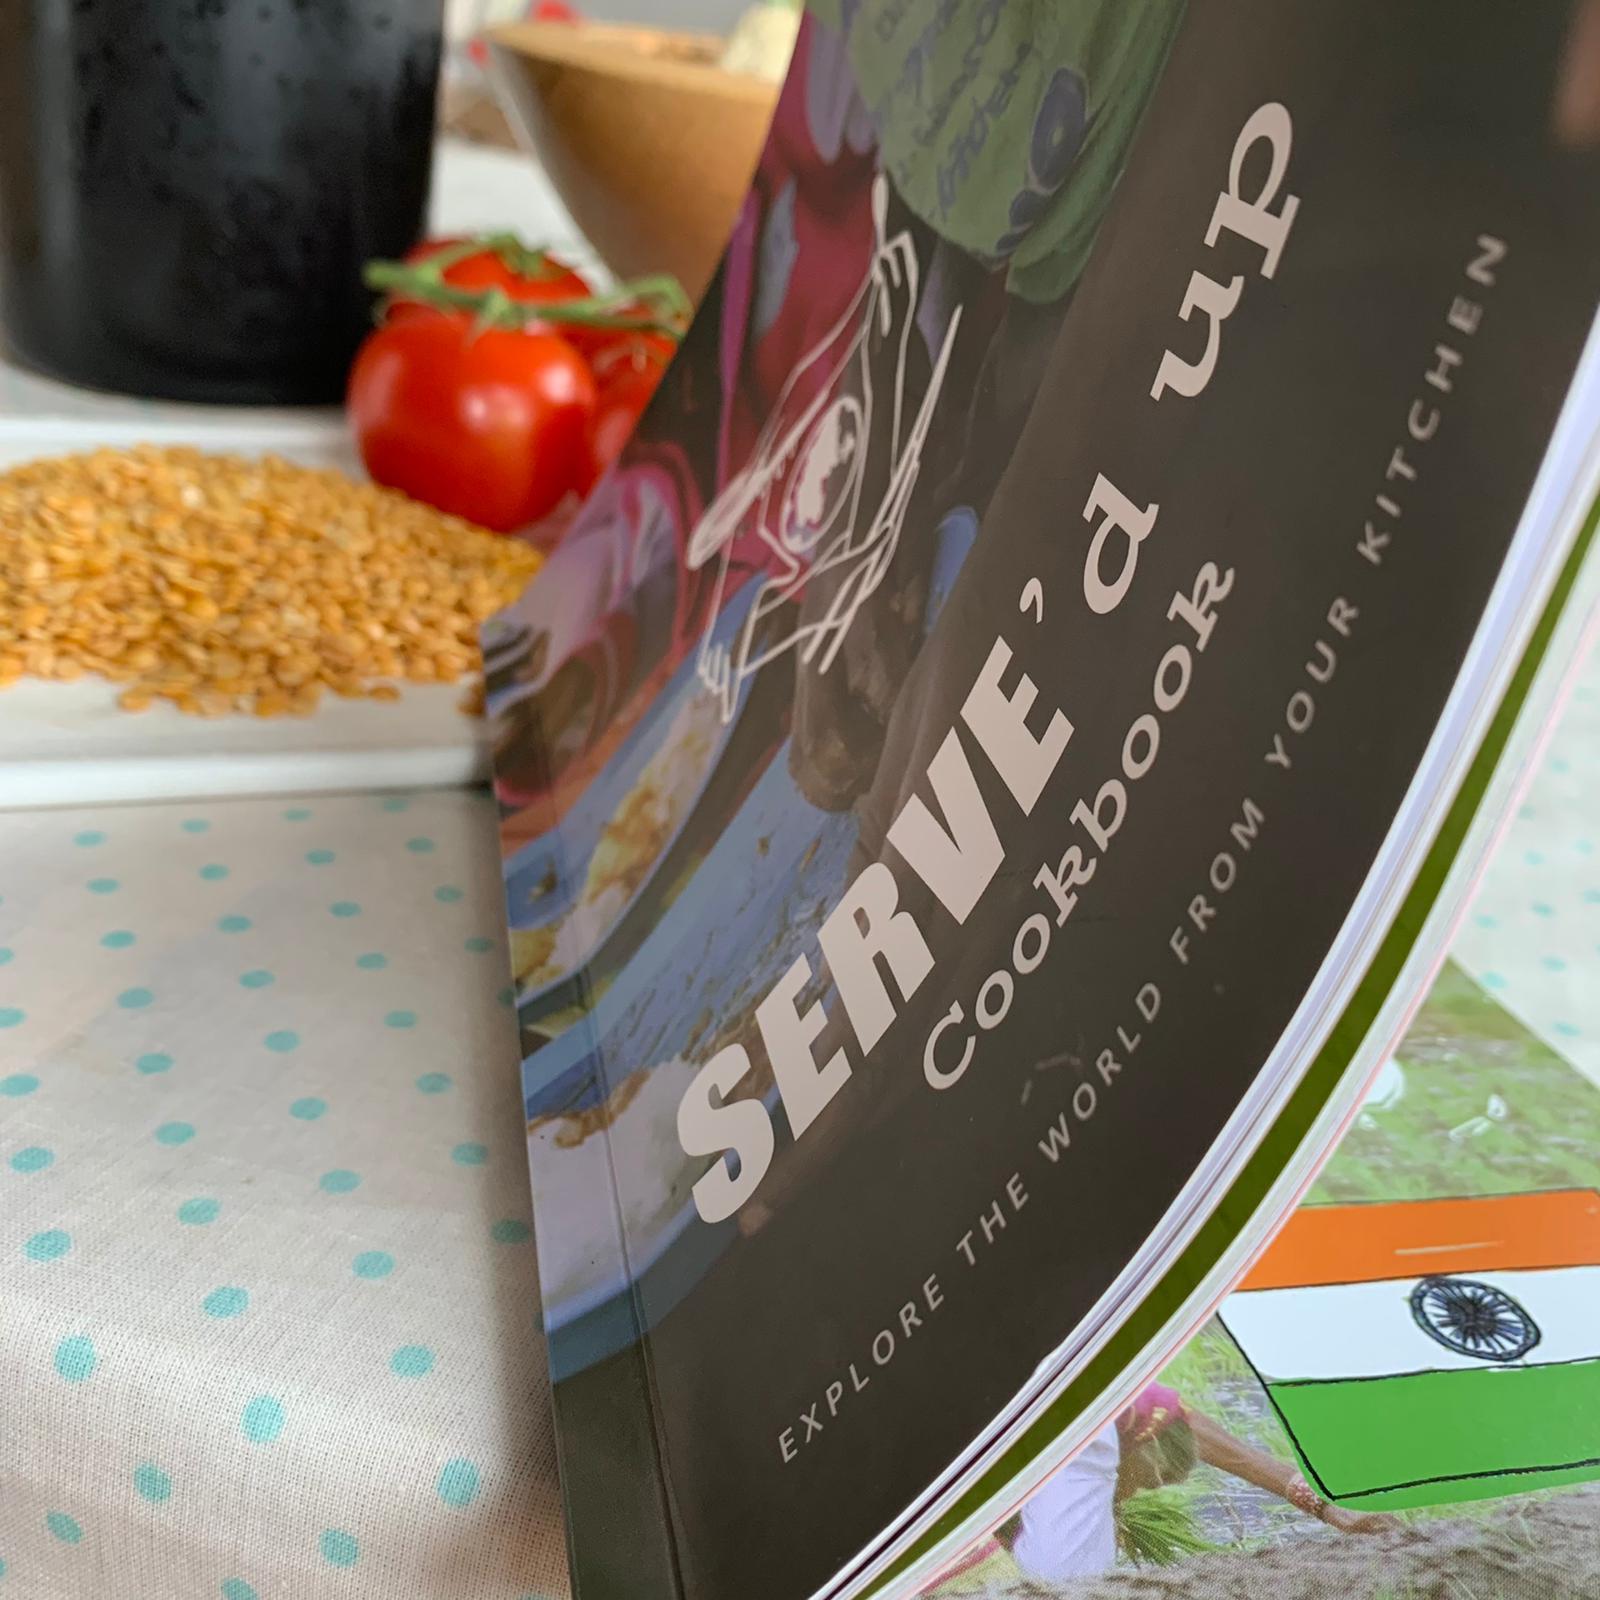 SERVE'd Up Cookbook front cover